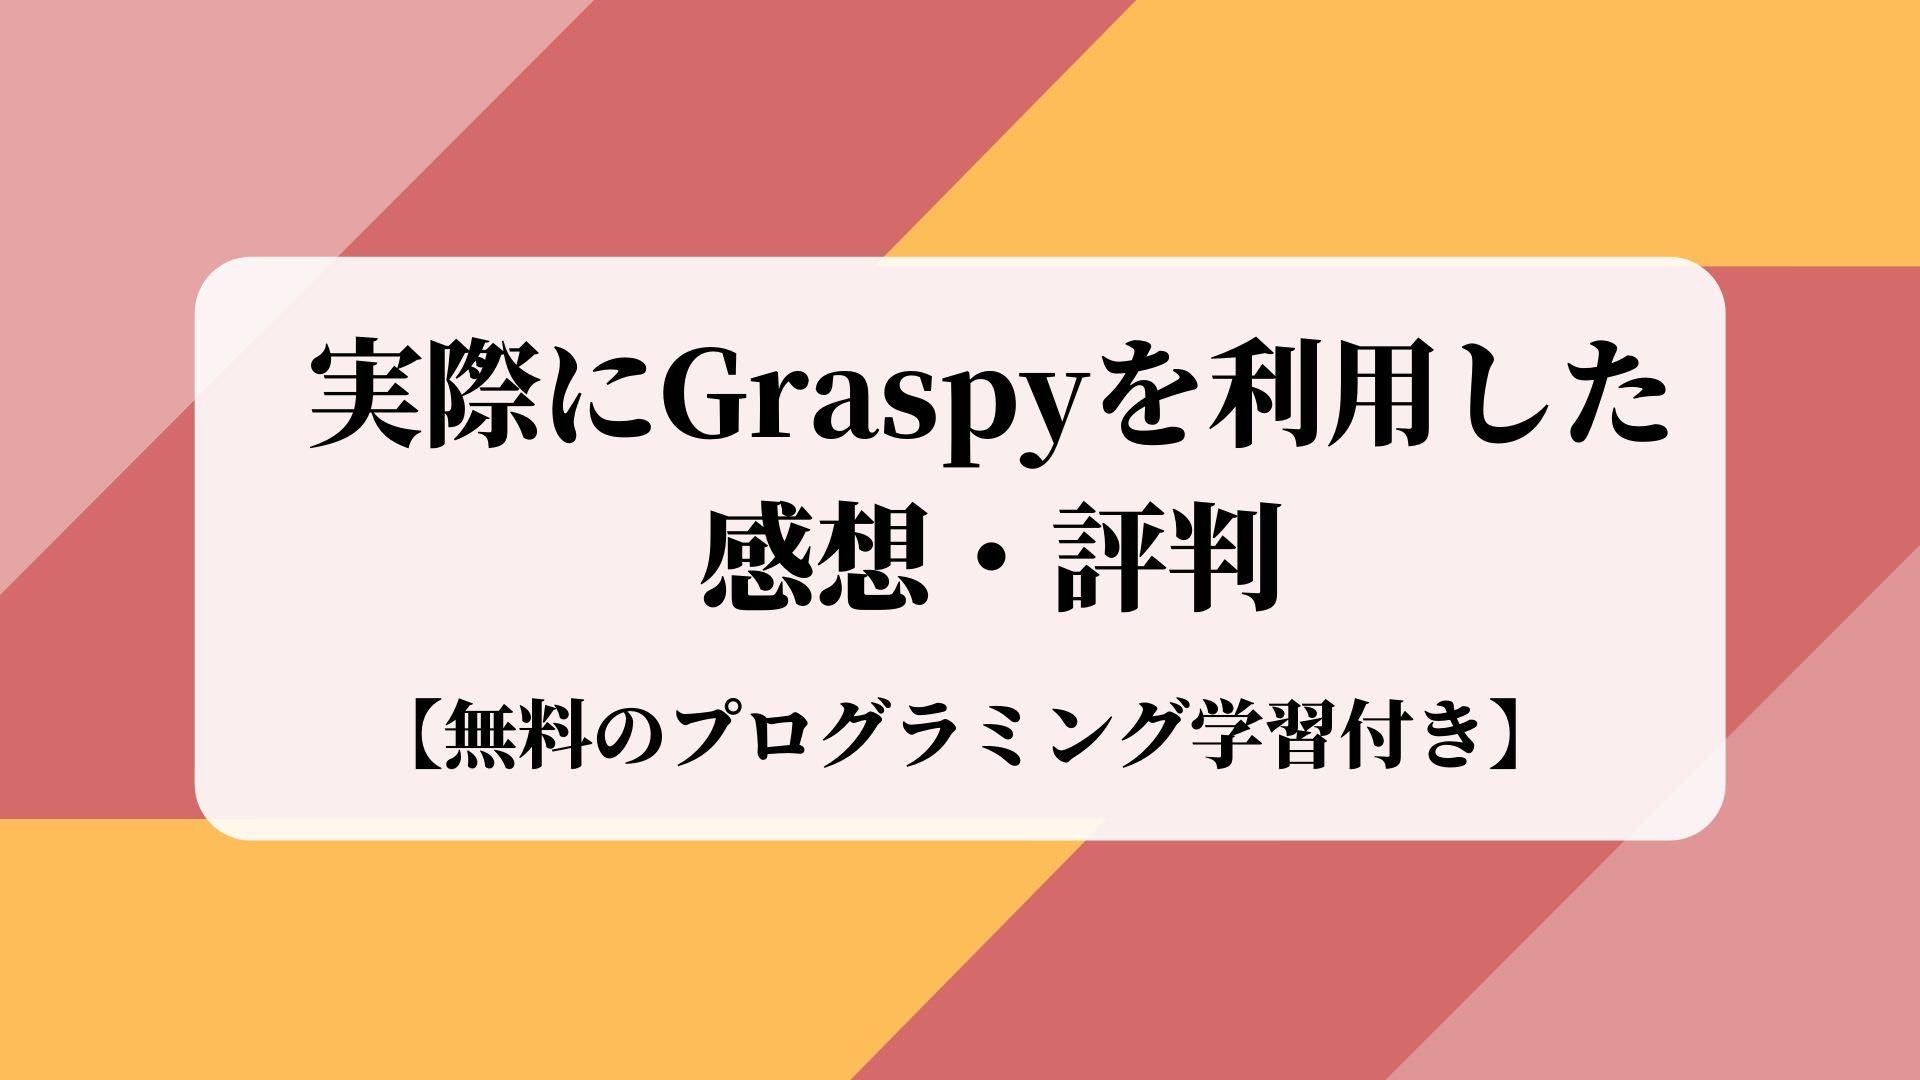 実際にGraspyを利用した感想